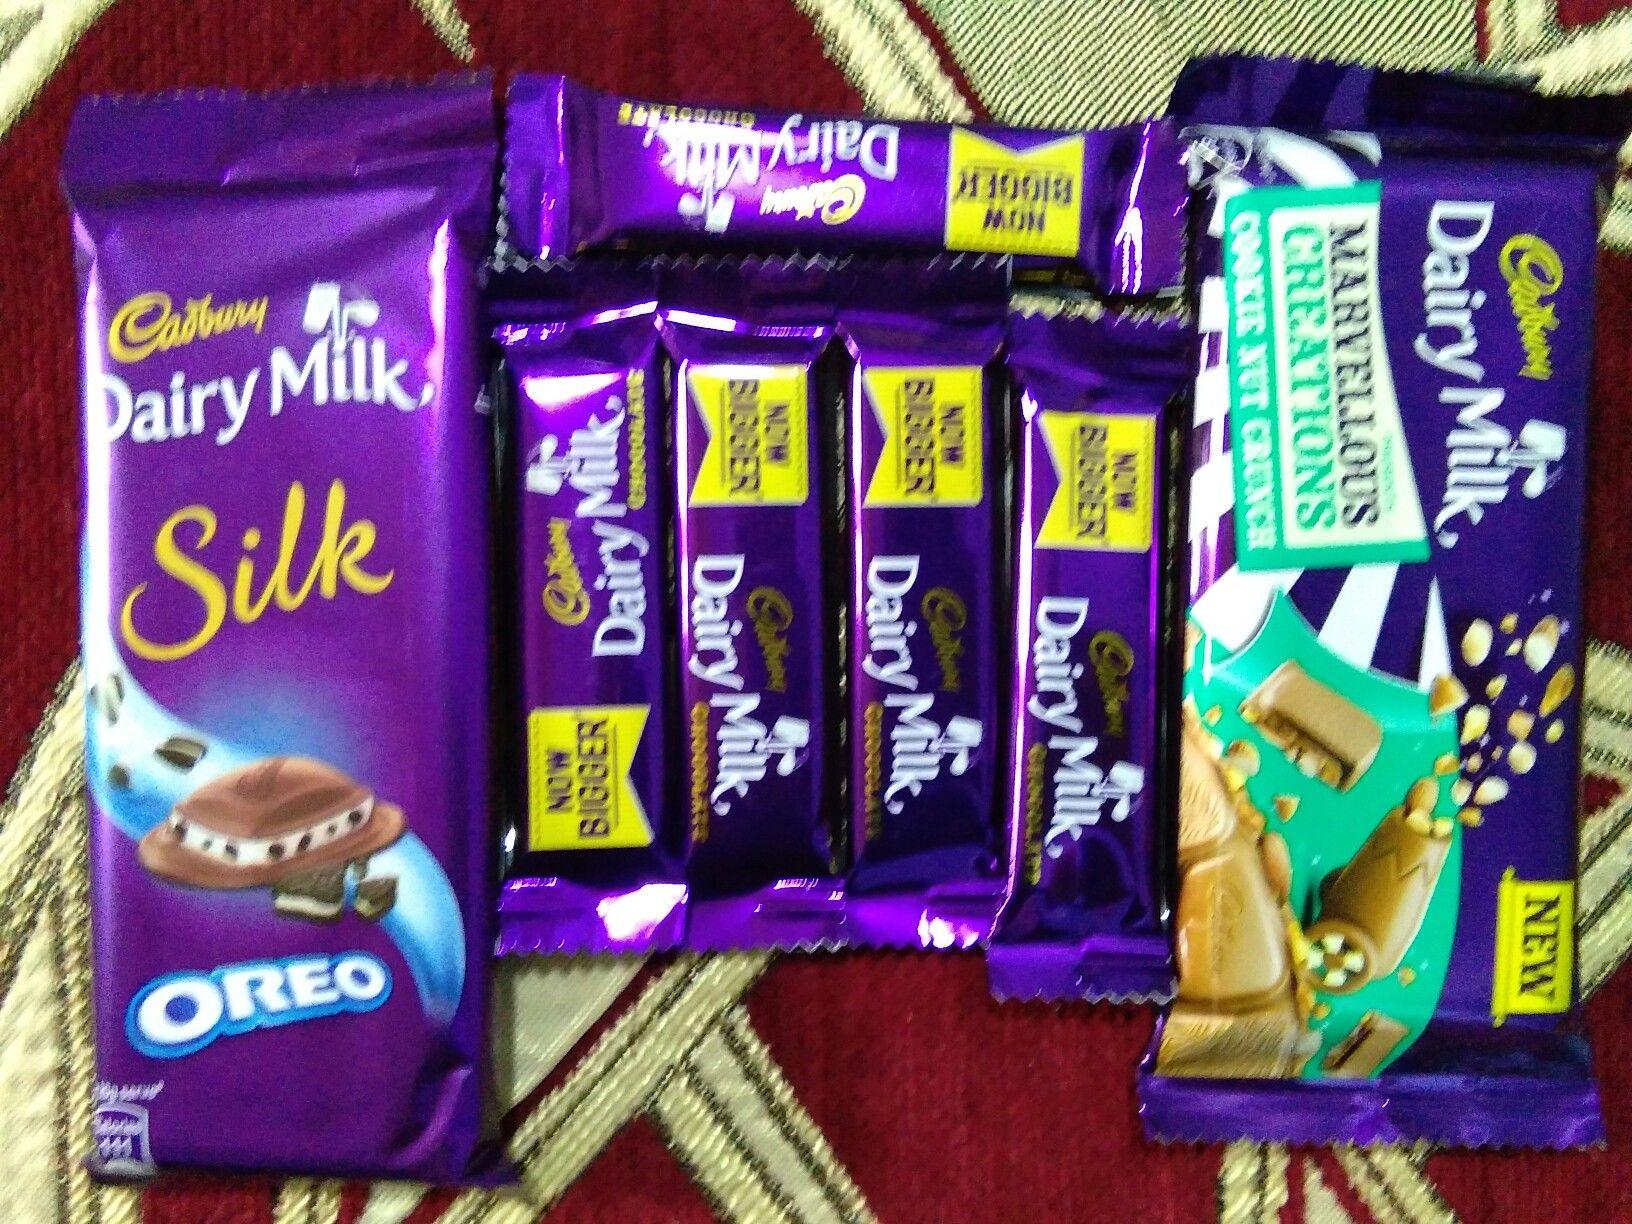 Pin By Purabi Bhargava On Foodies Dairy Milk Chocolate Yummy Ice Cream Chocolate Milk Choklet dairy milk happy chocolate day